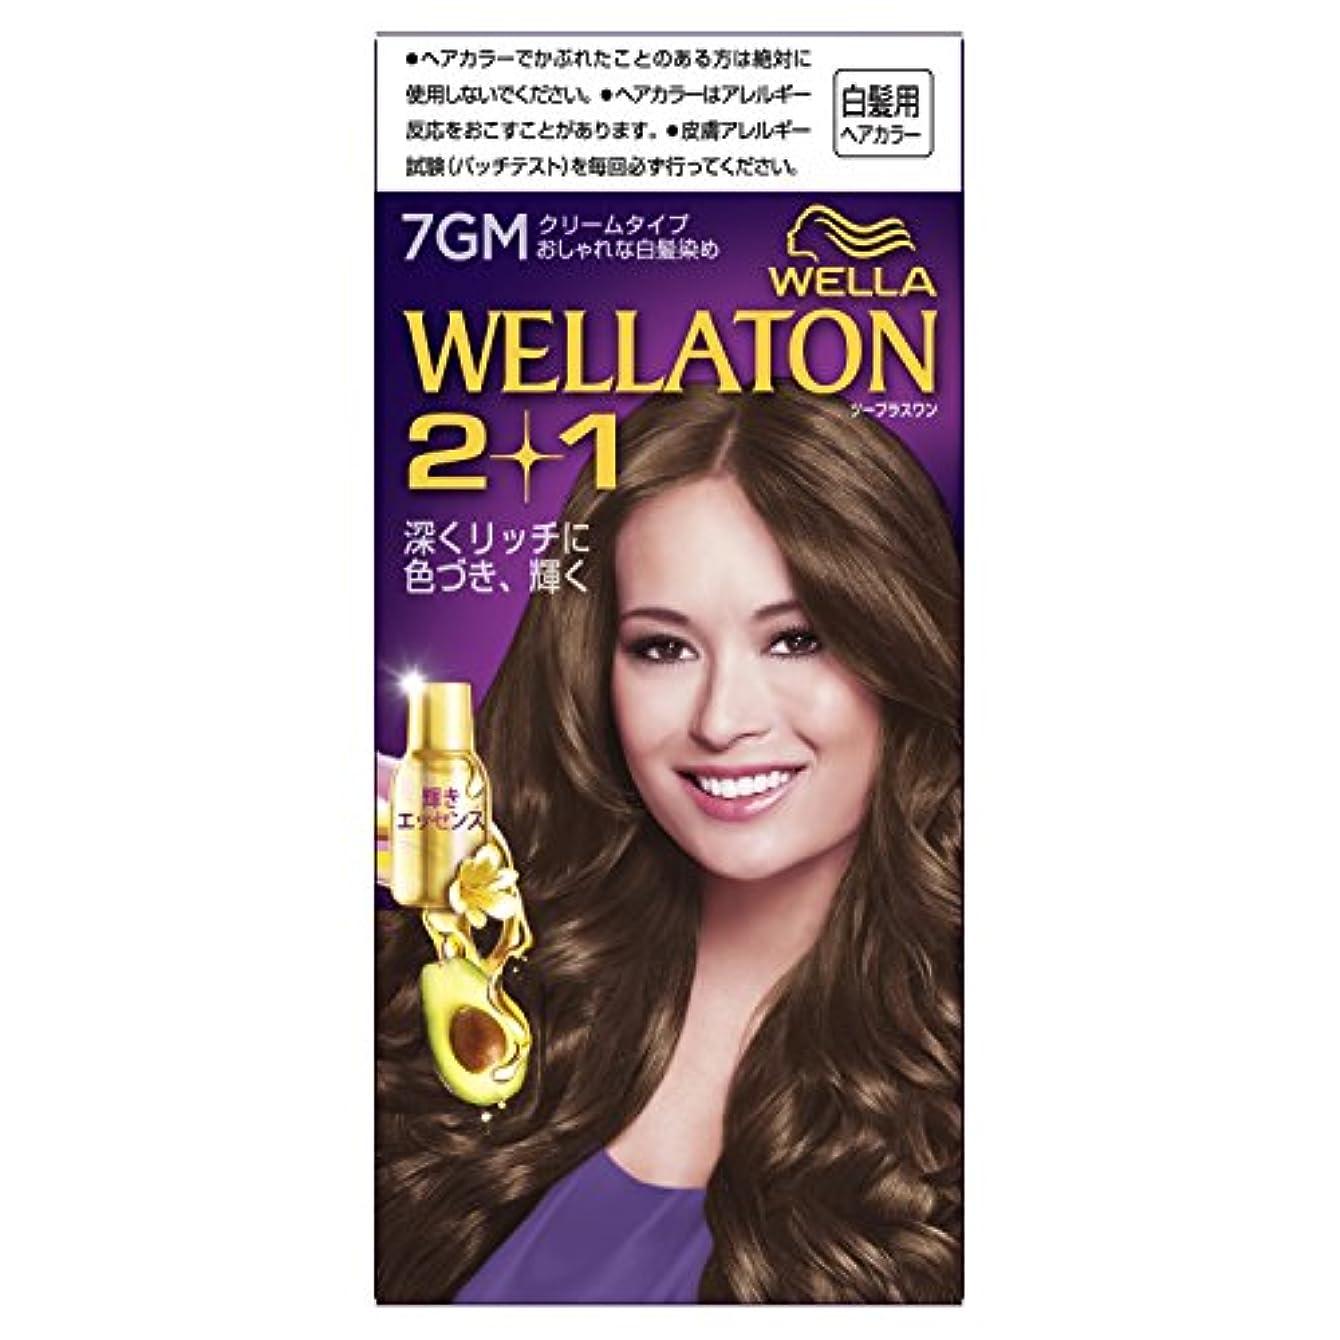 ベースクローン借りるウエラトーン2+1 クリームタイプ 7GM [医薬部外品](おしゃれな白髪染め)